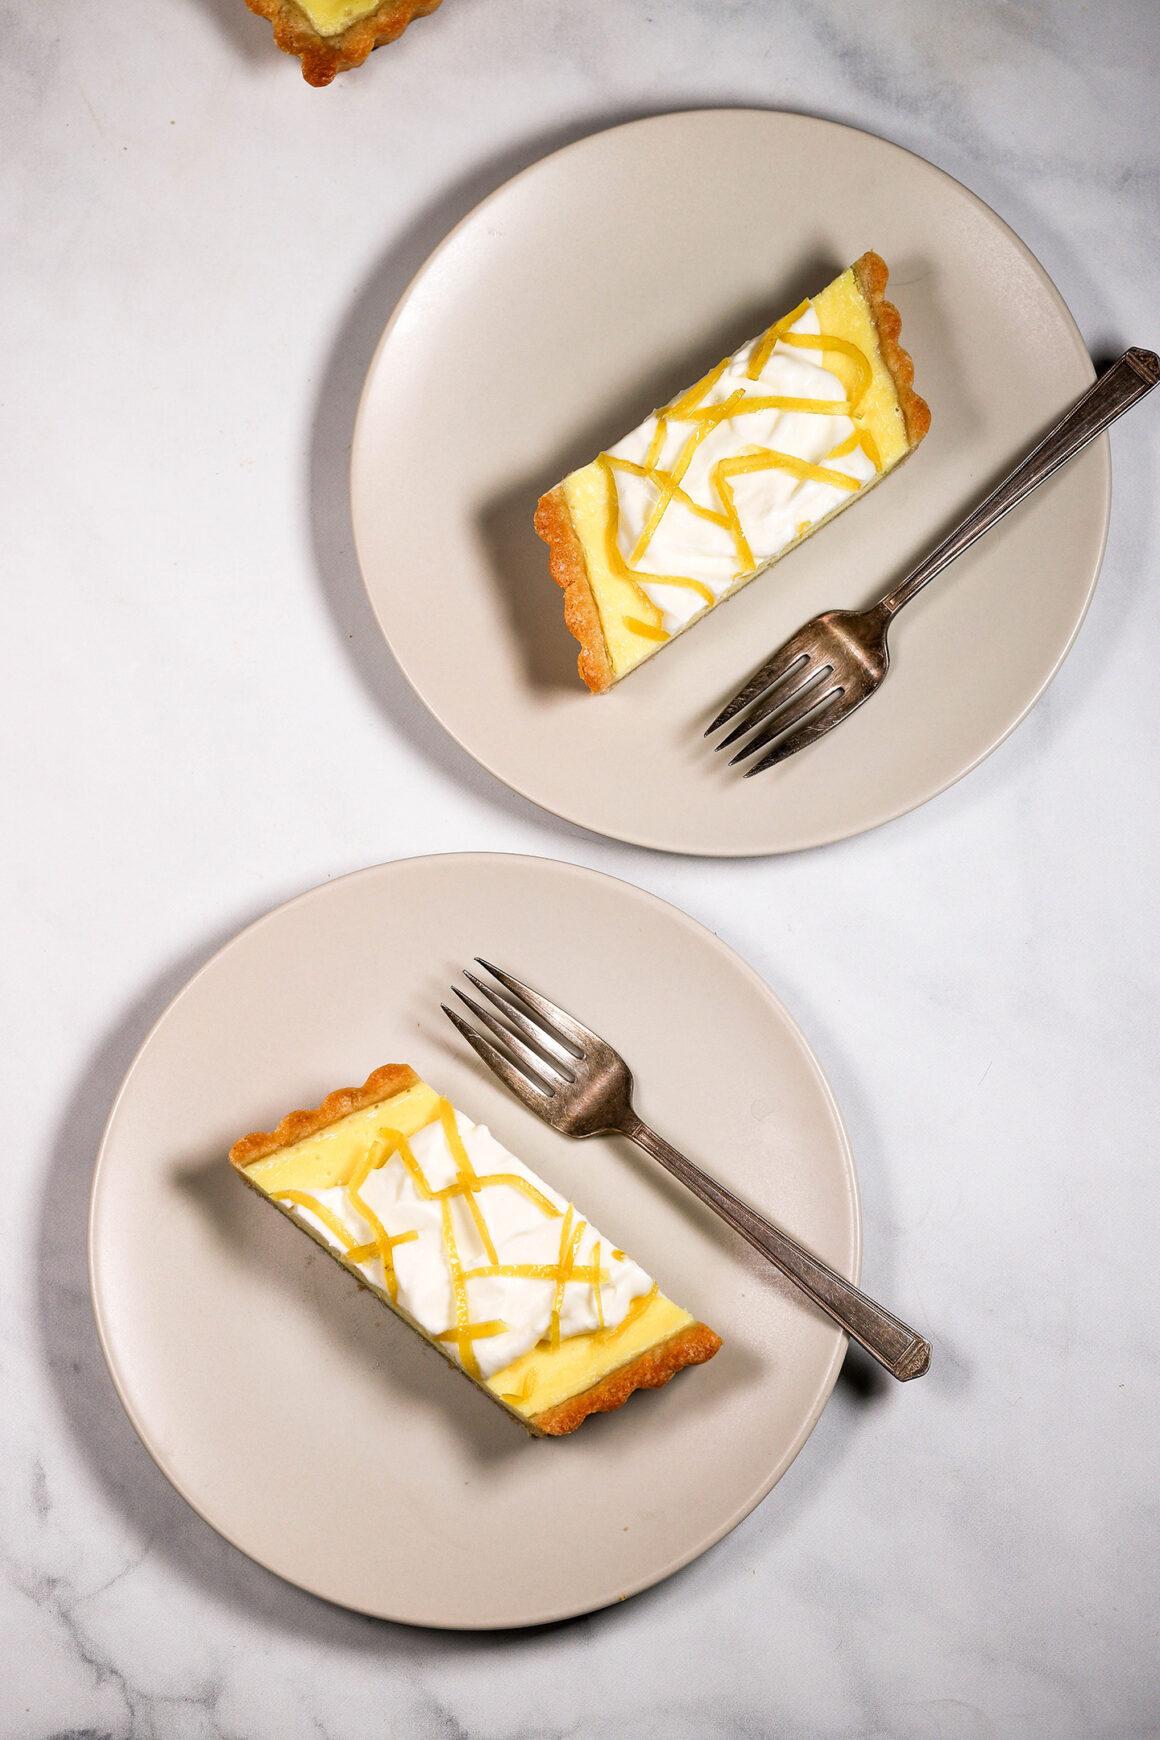 Plated Lemon Mascarpone Tart